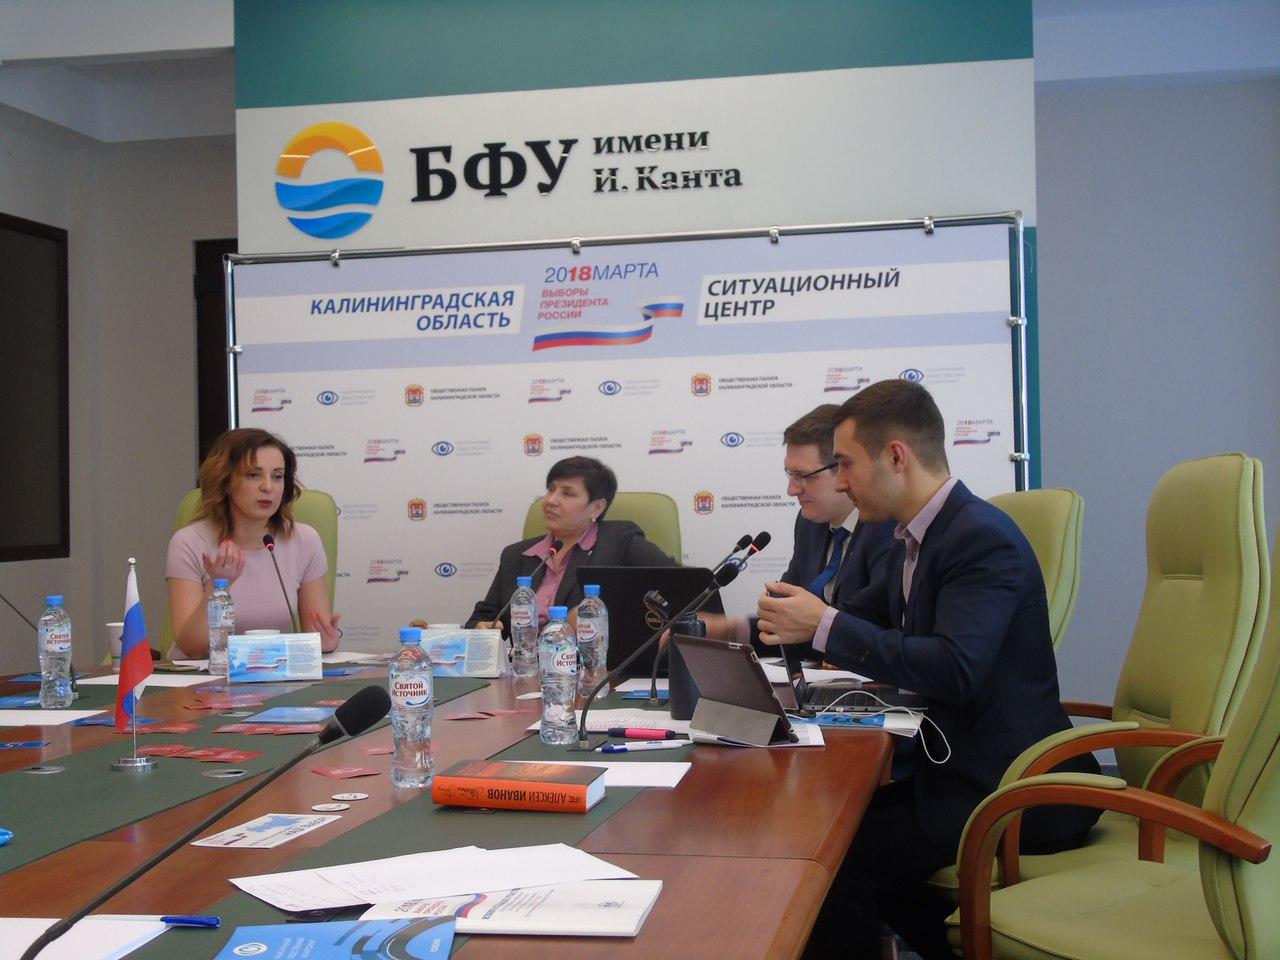 Председатель ОП Калининградской области: «Серьезных замечаний по выборам в Калининградской области нет»